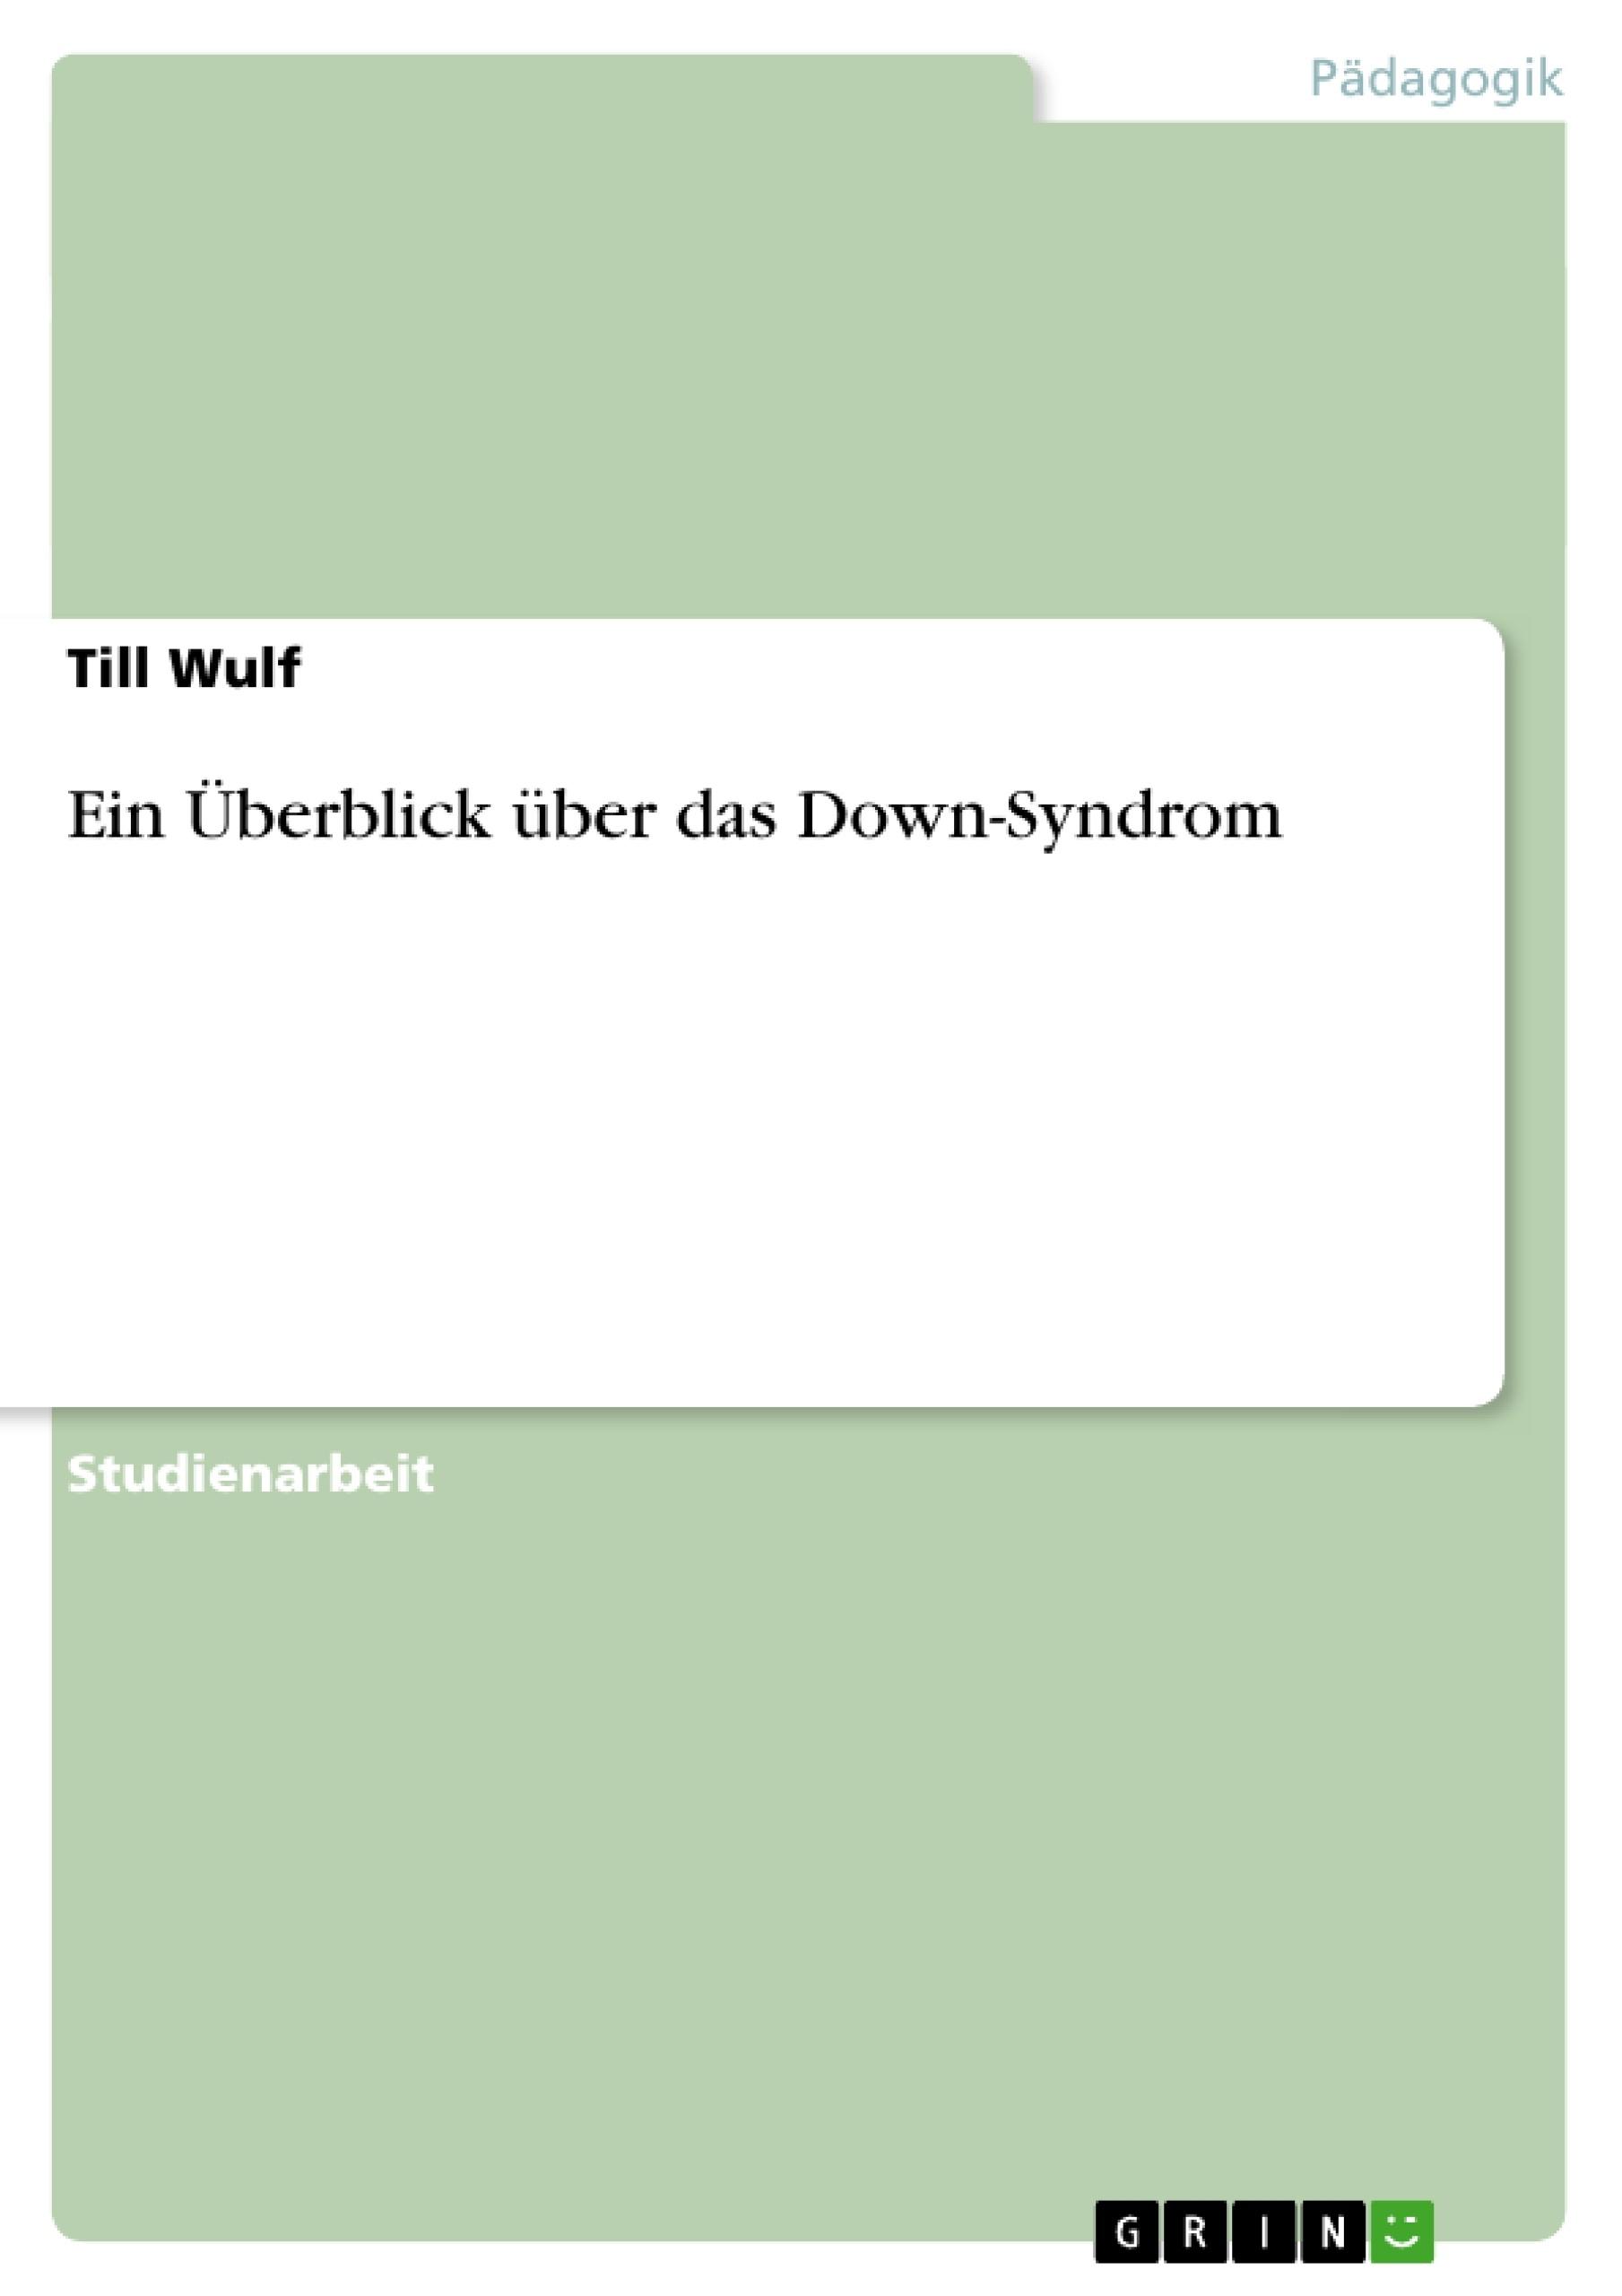 Titel: Ein Überblick über das Down-Syndrom